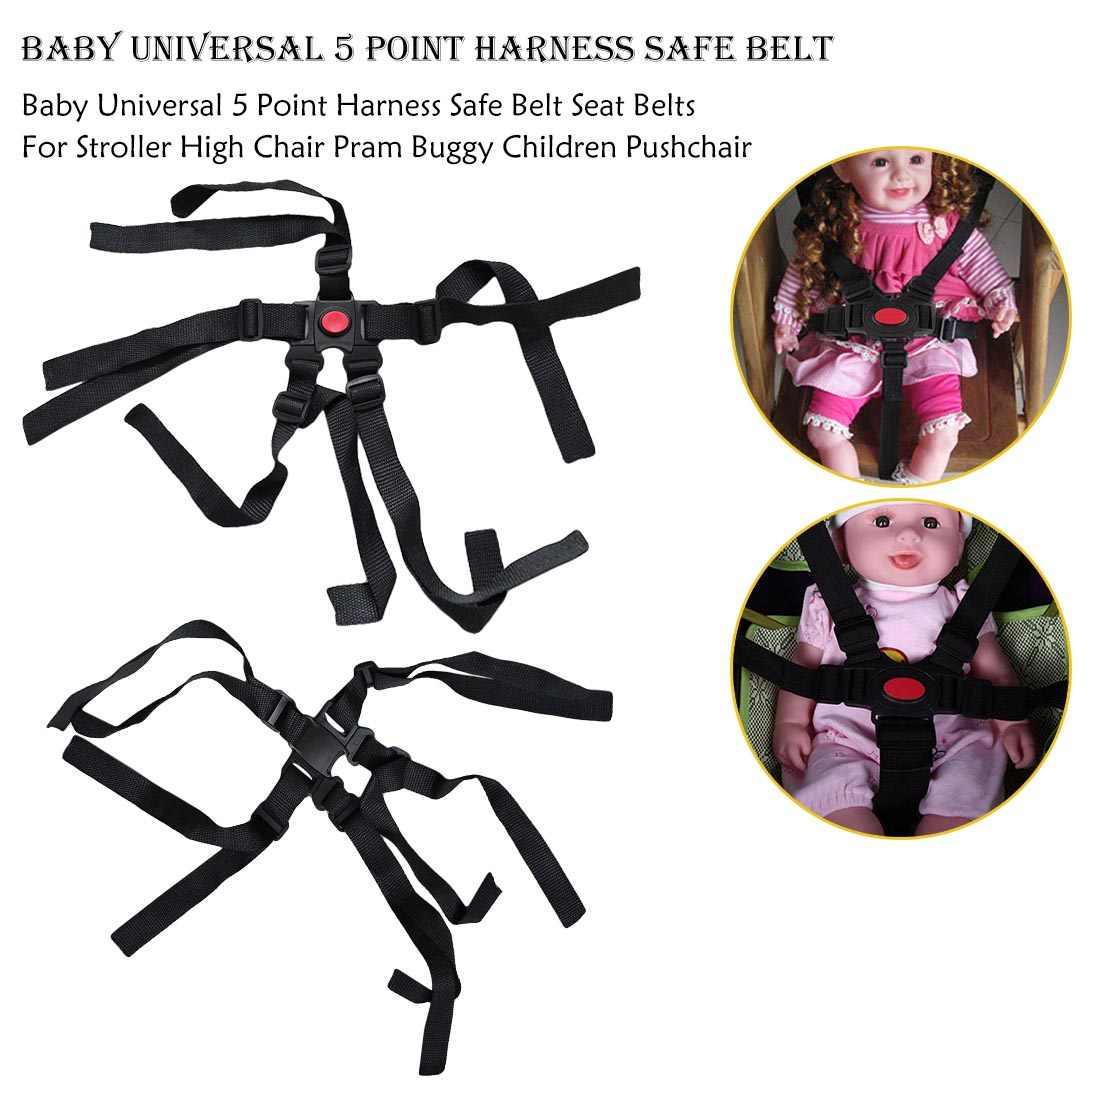 เข็มขัดนิรภัยสำหรับรถเข็นเด็กเก้าอี้สูงเด็ก Universal 5 จุดปลอดภัยเข็มขัดรถเข็นเด็กอุปกรณ์เสริมเหมาะสำหรับปลอดภัยใช้งานง่าย